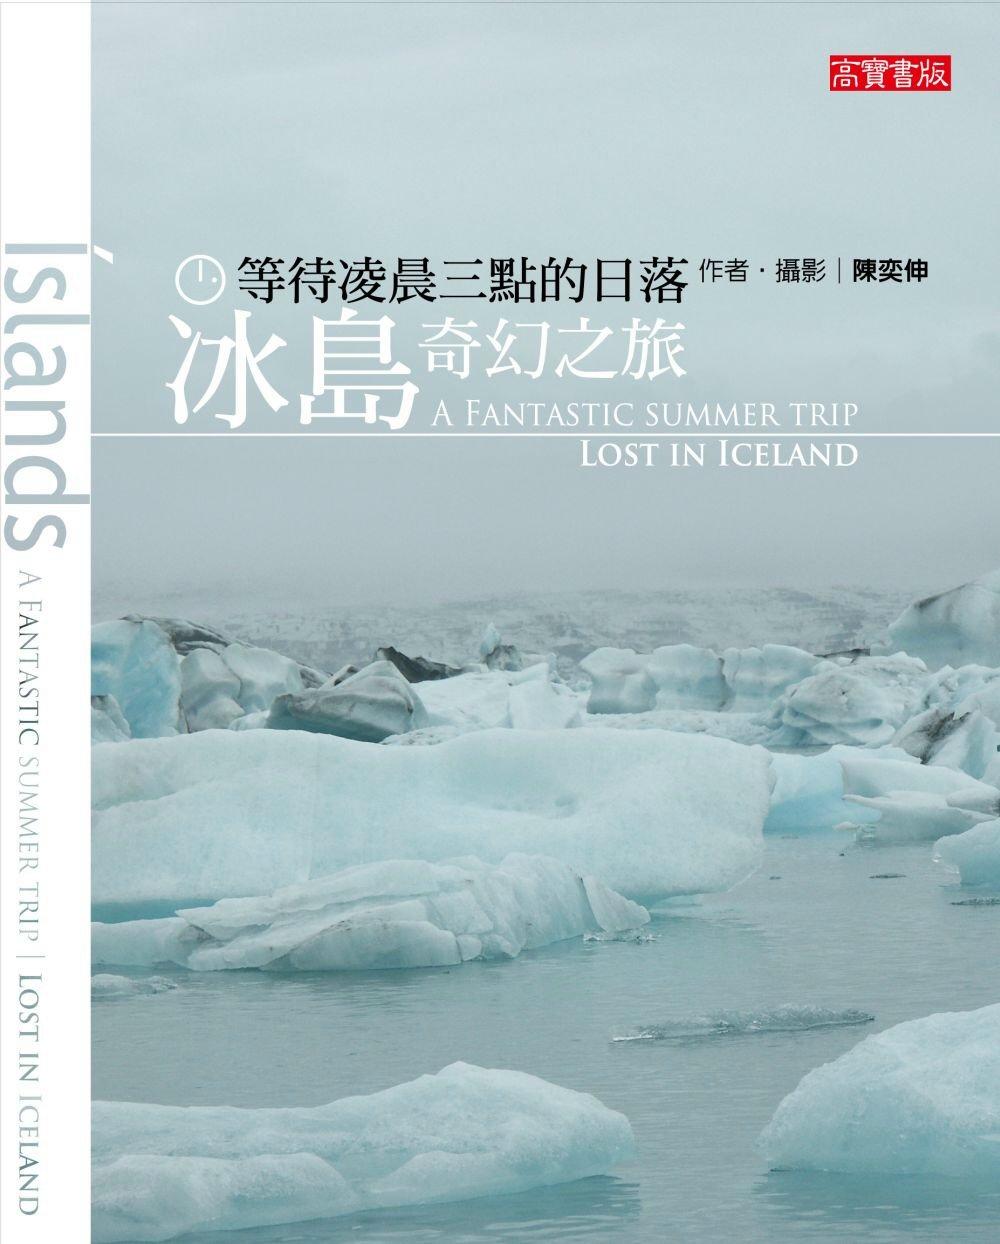 等待凌晨三點的日落 :  冰島奇幻之旅 /